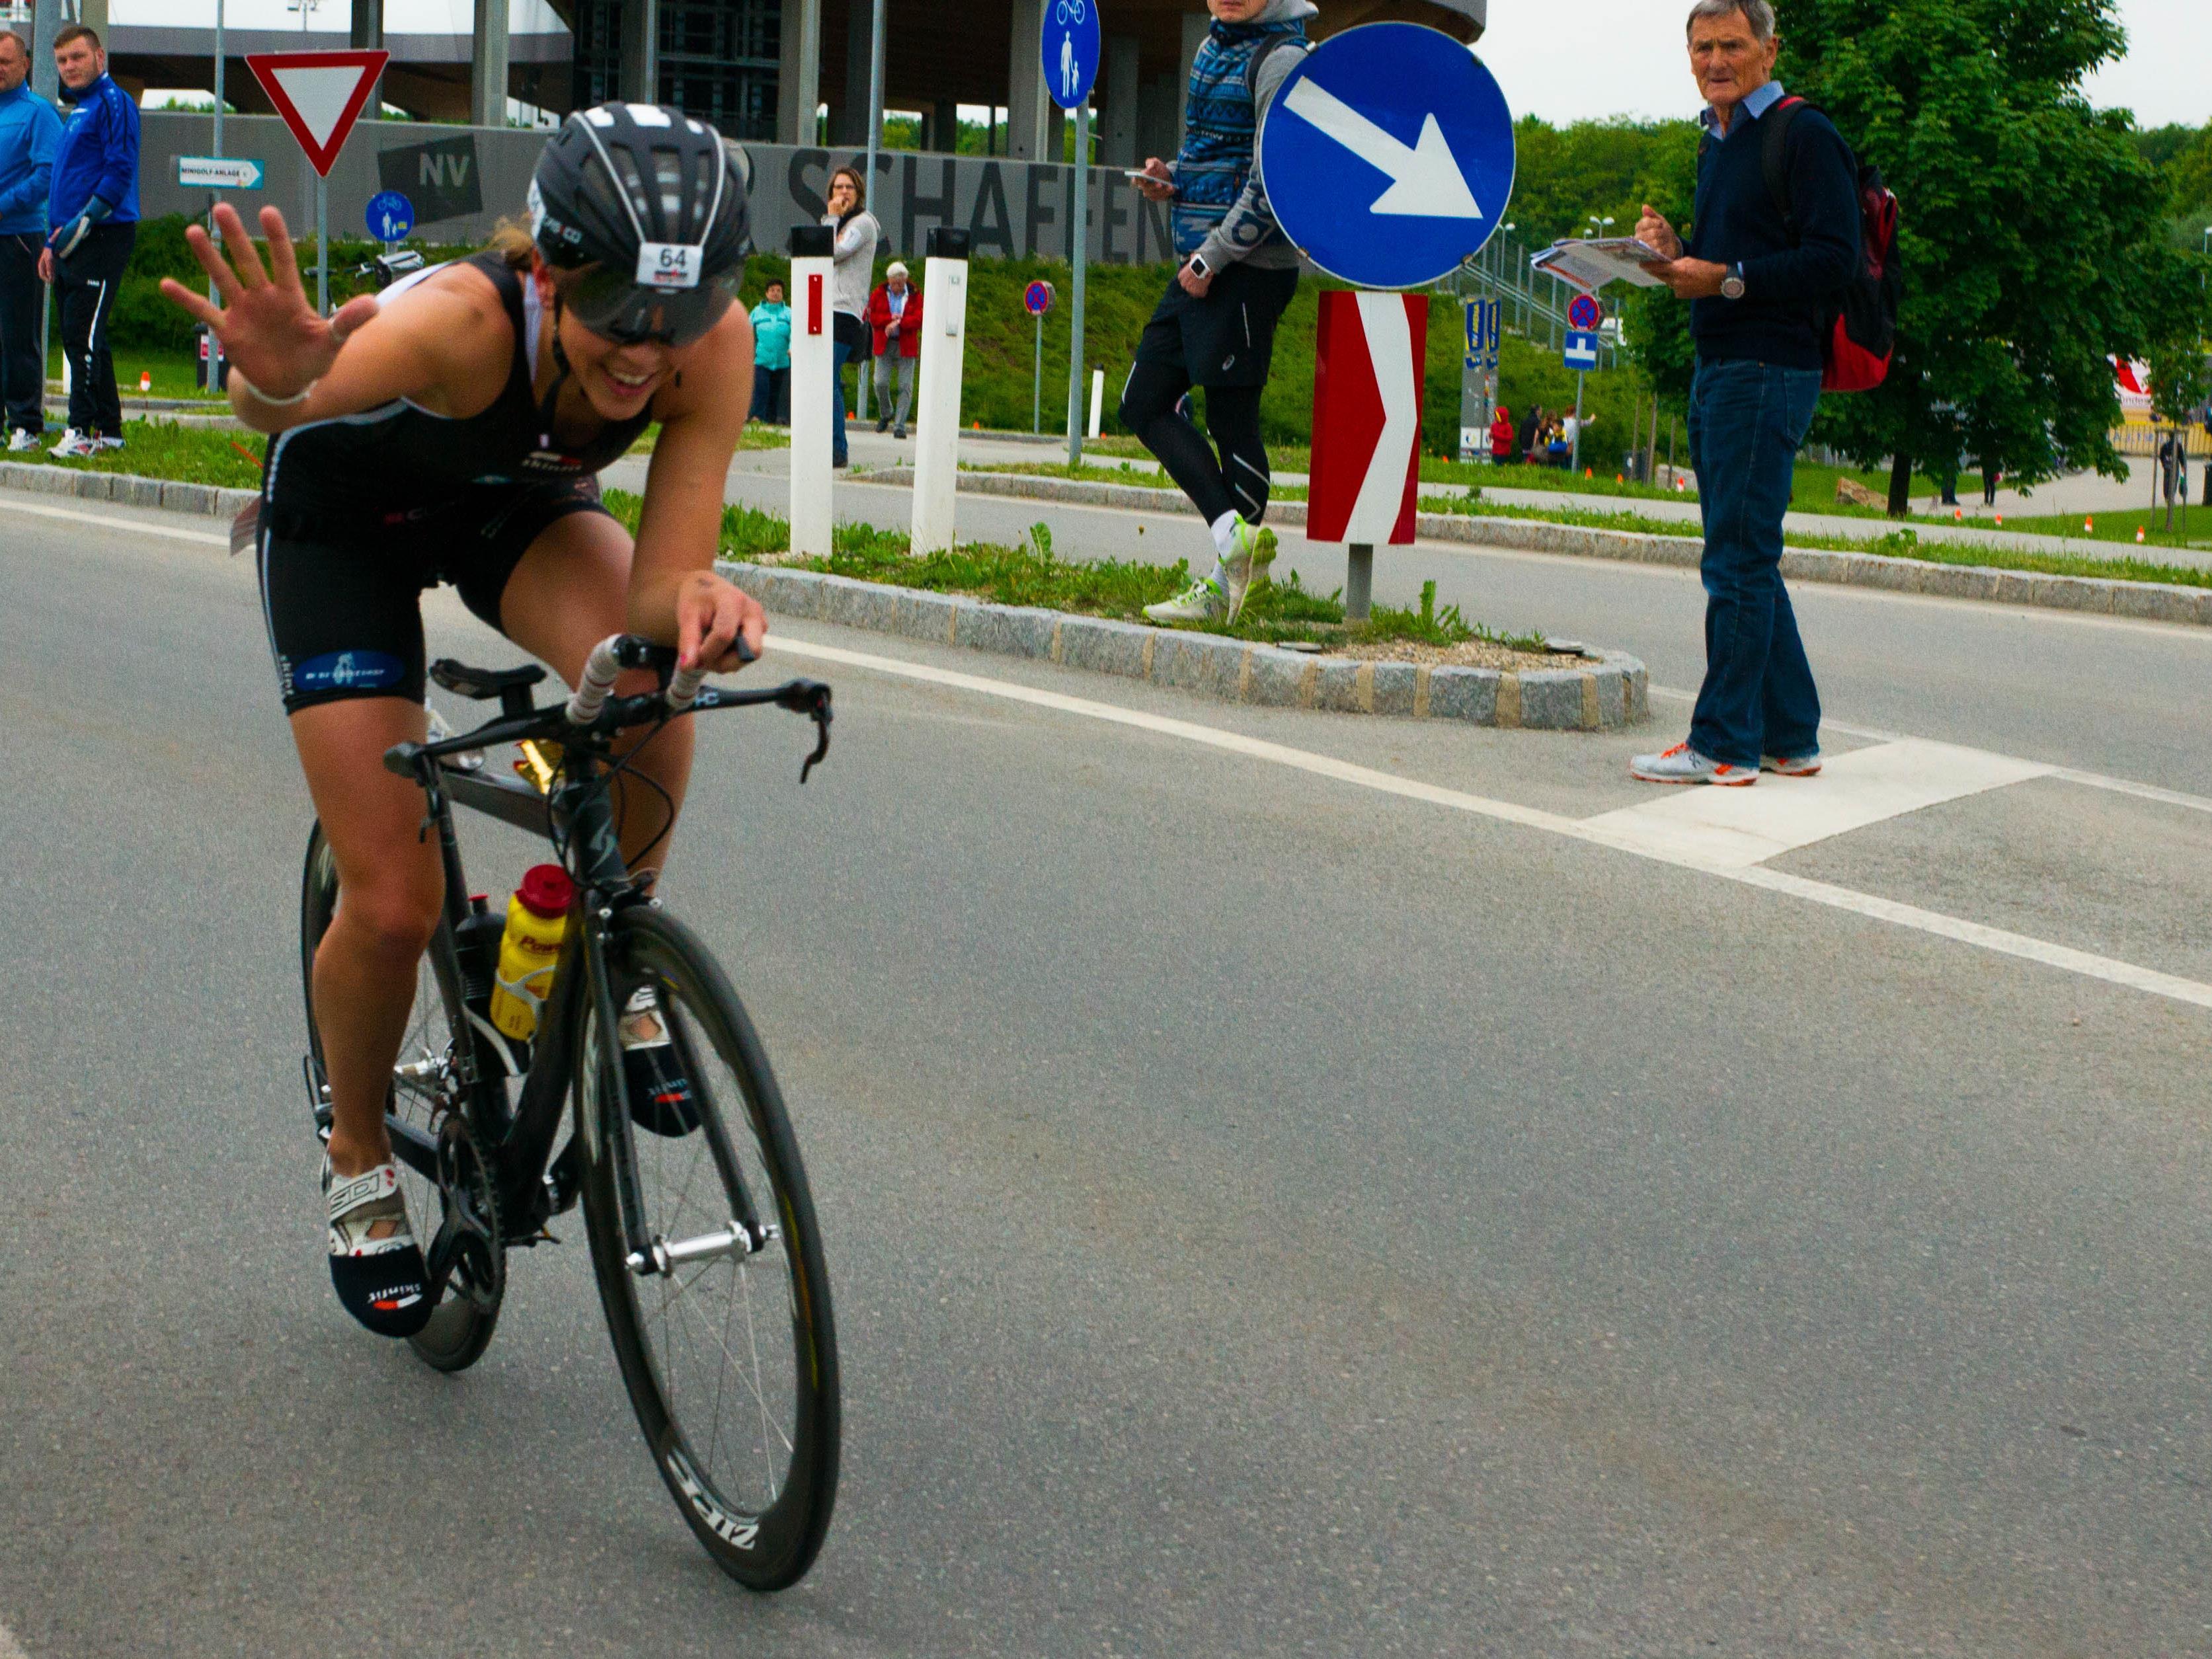 Starker neunter Platz für die Schwarzenbergerin Bianca Steurer im Ironman in Kärnten